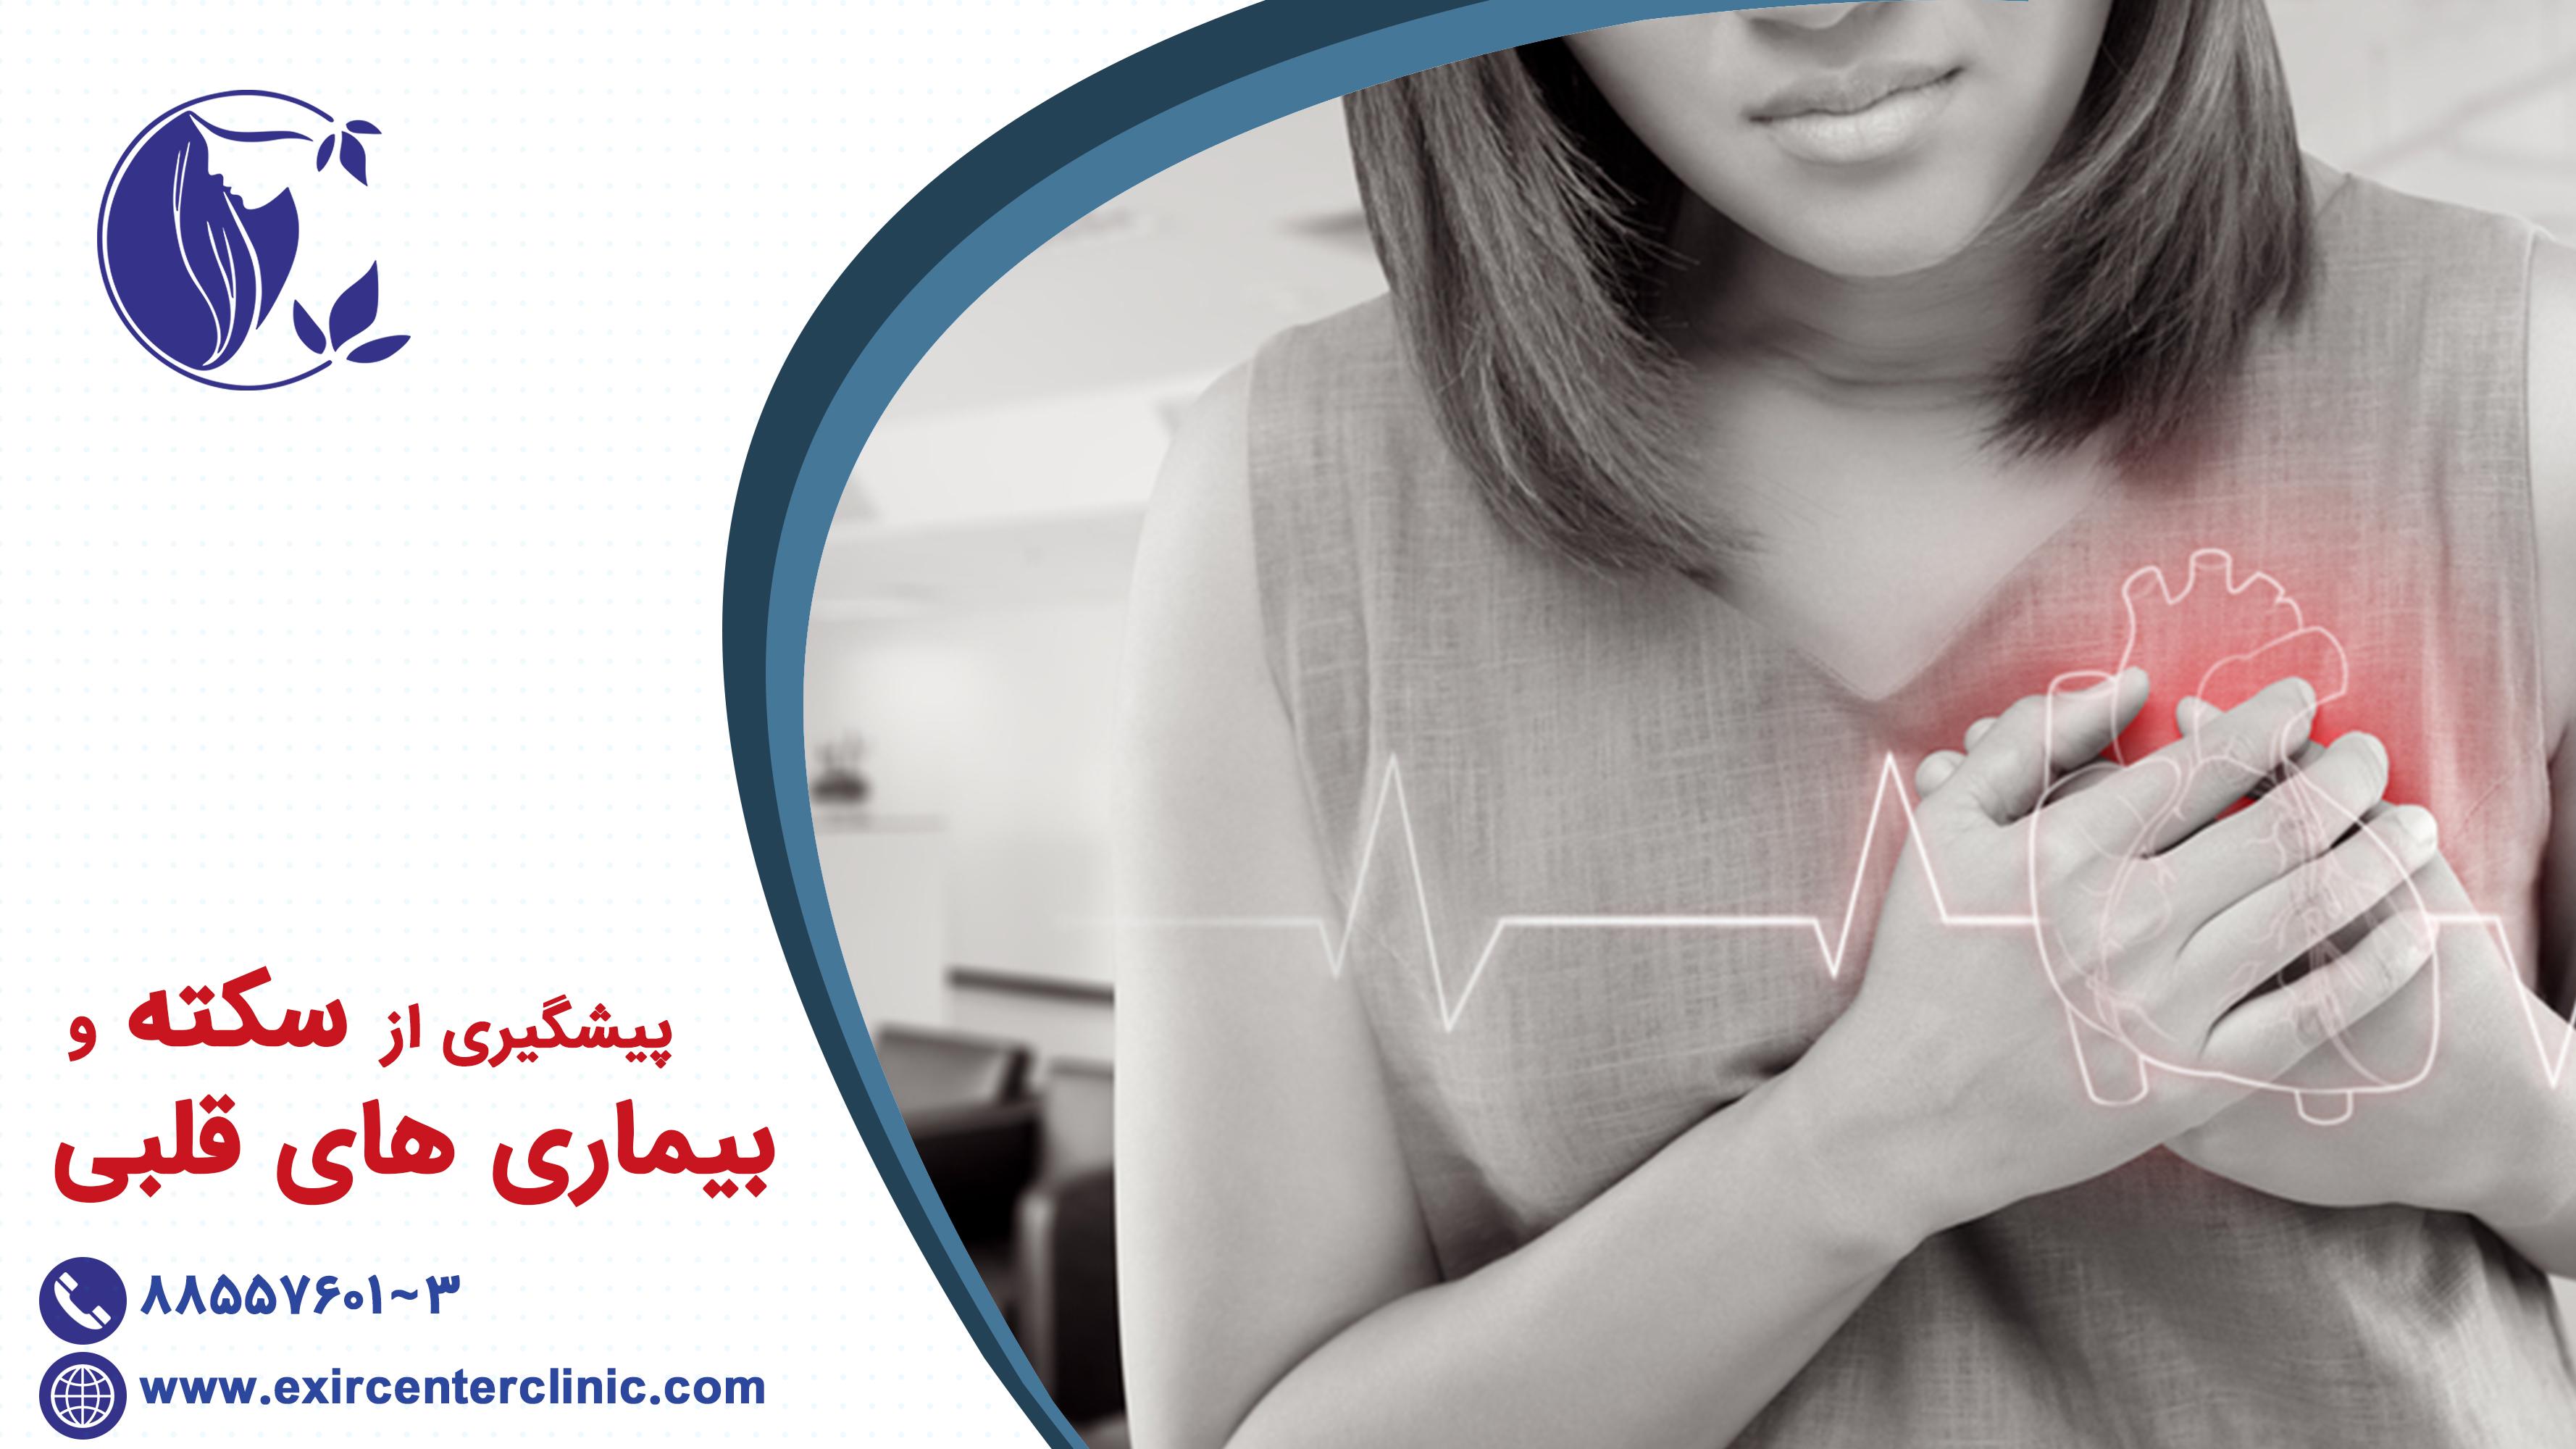 پیشگیری از سکته و بیماری های قلبی